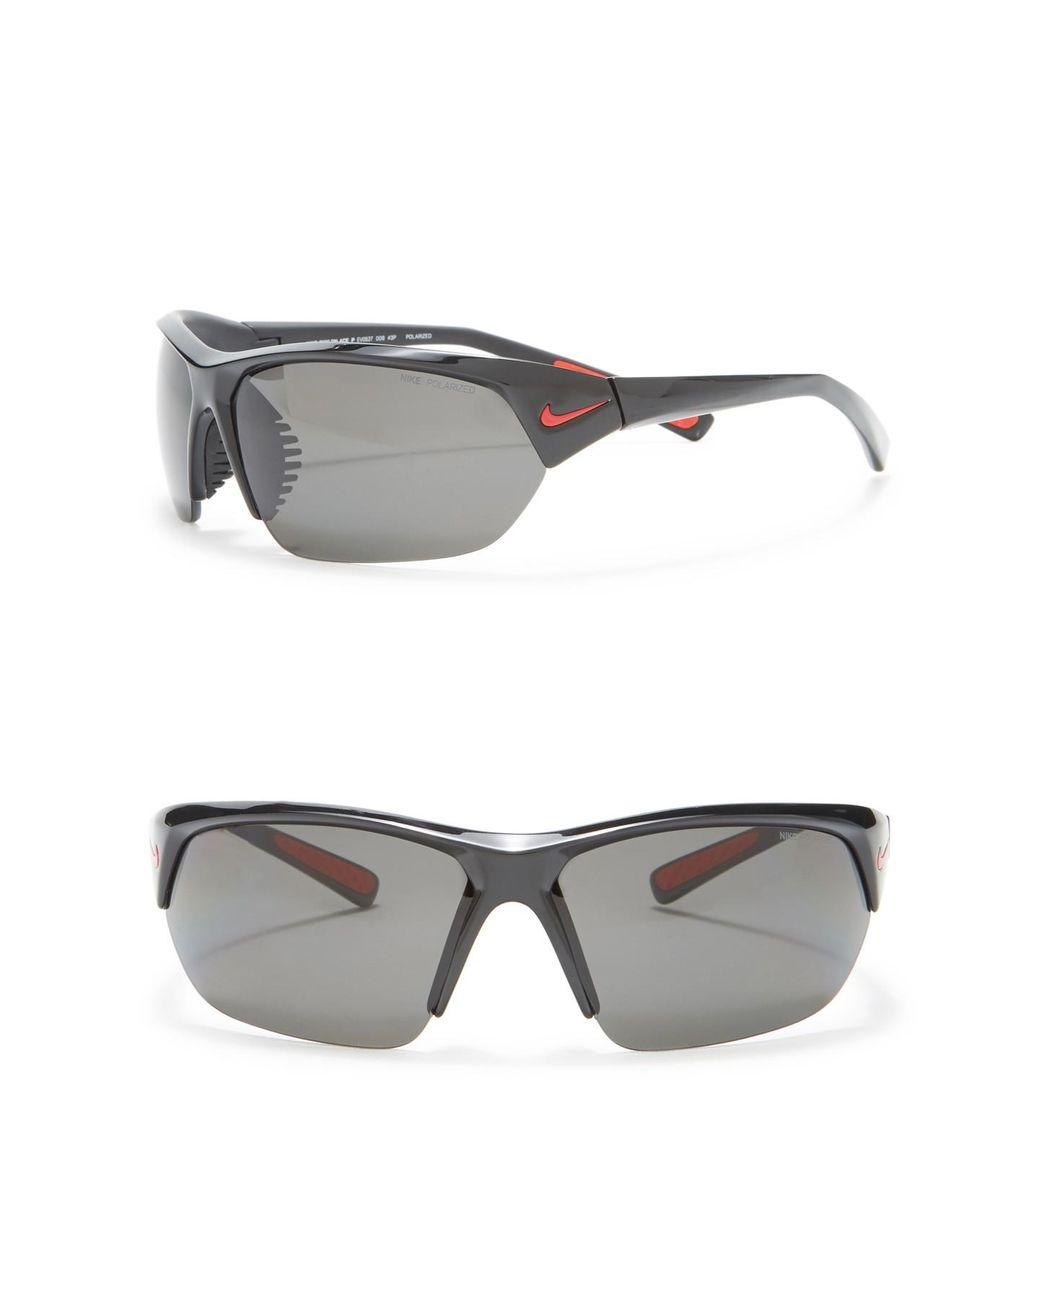 1c3d2c81b8 Lyst - Nike Unisex Skylon Ace Sunglasses in Brown for Men